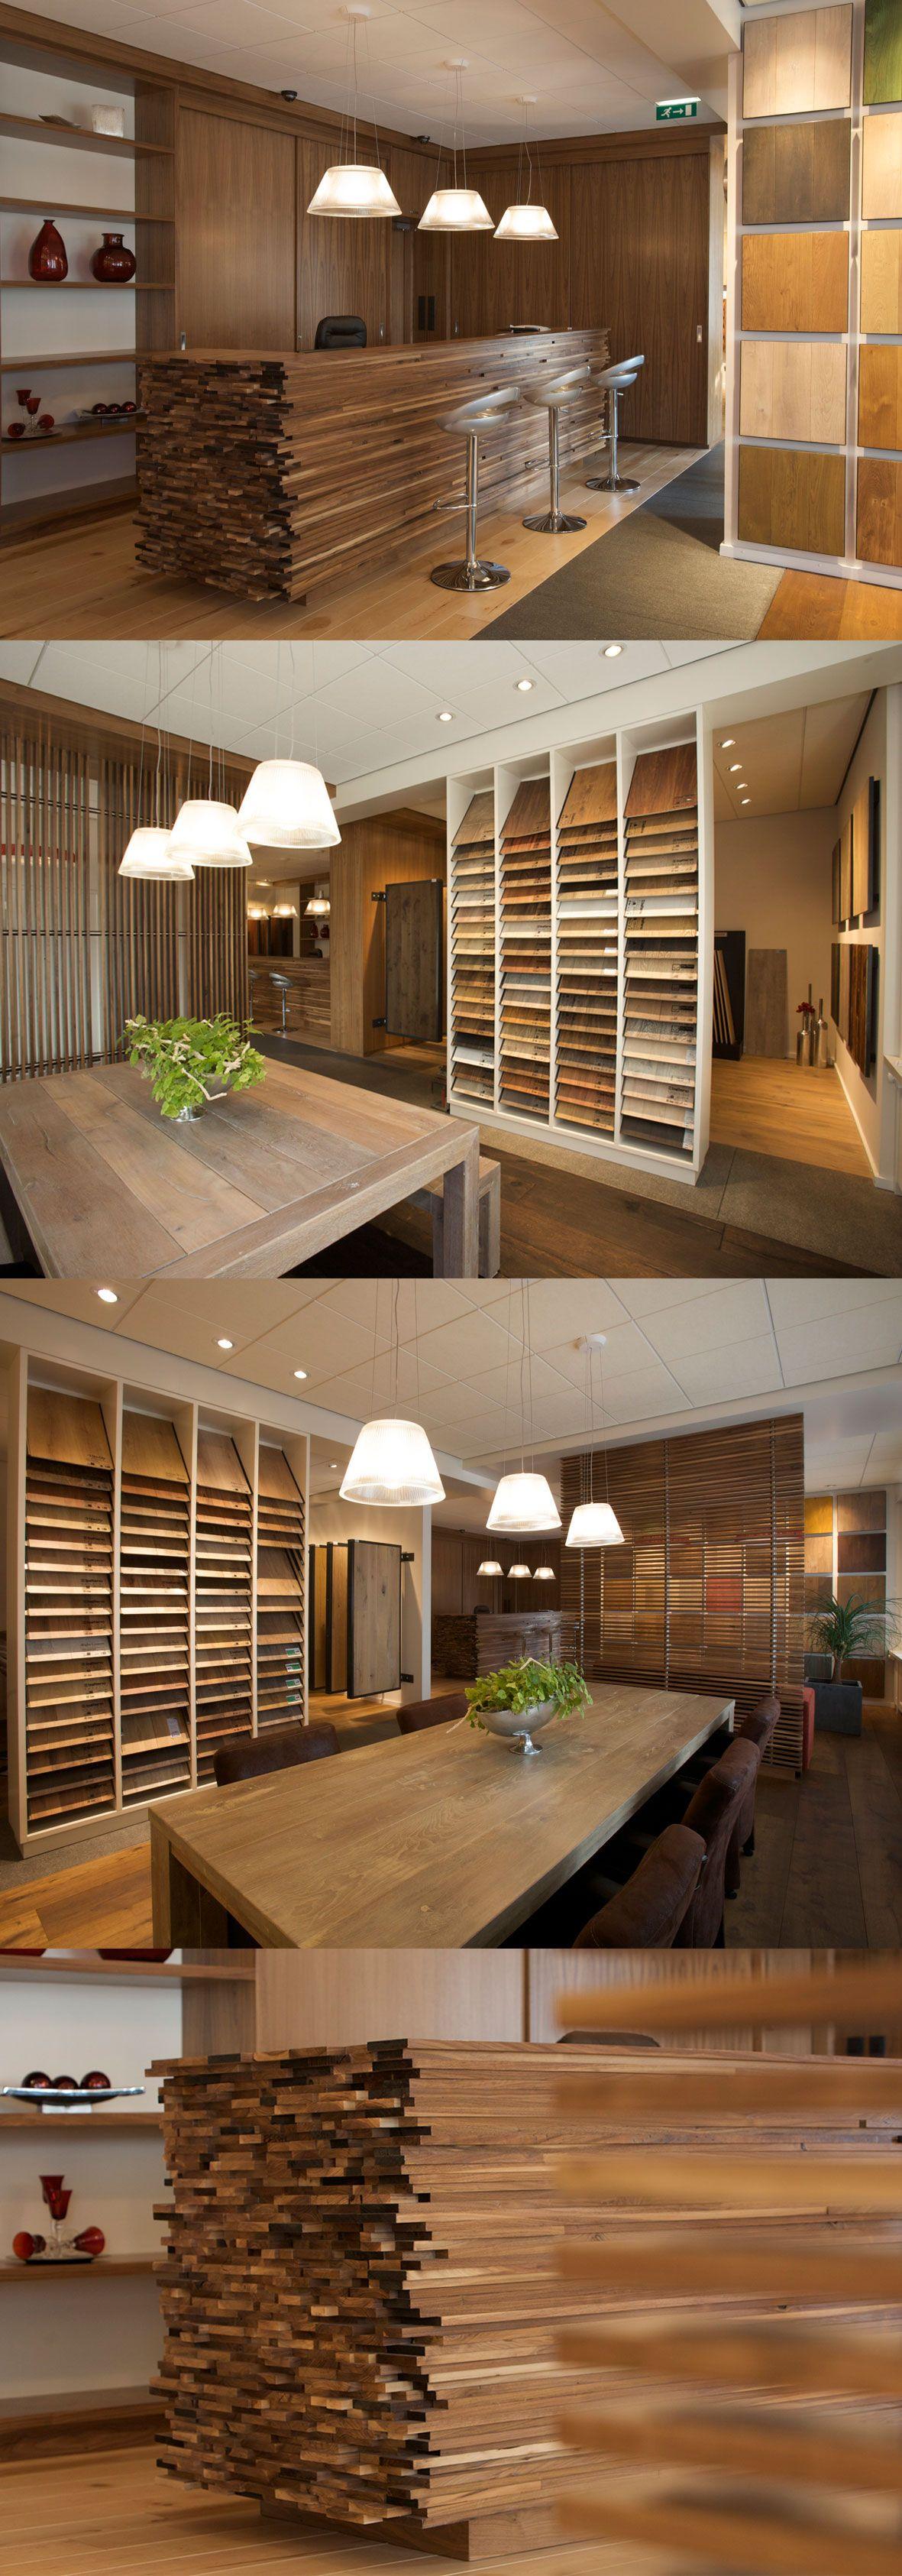 corn heeft voor heywood vloeren een ontwerp voor het nieuwe interieur voor de showroom gerealiseerd en